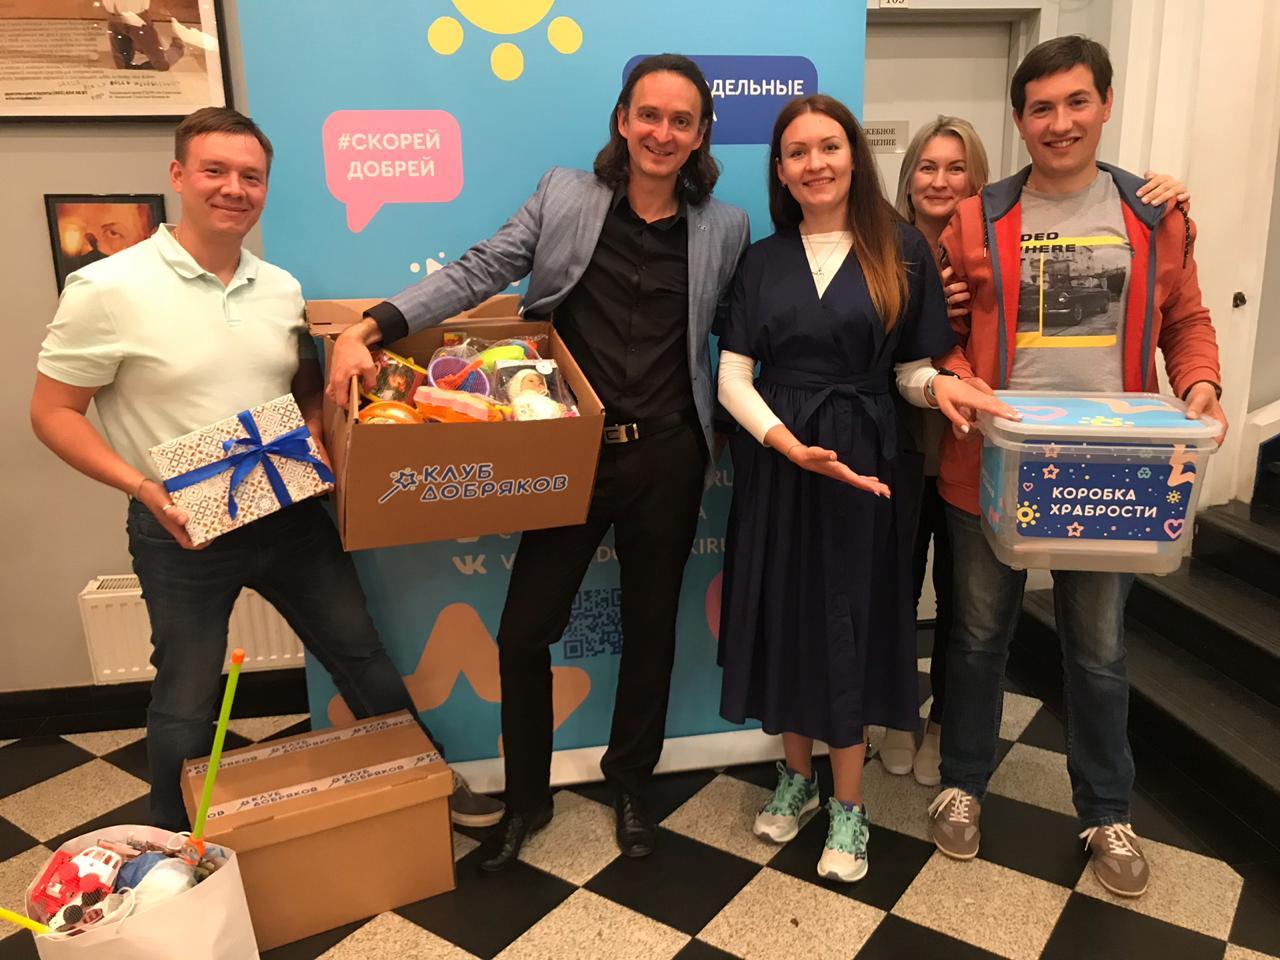 В Москве собрали коробки храбрости на спектакле Сергея Янковского